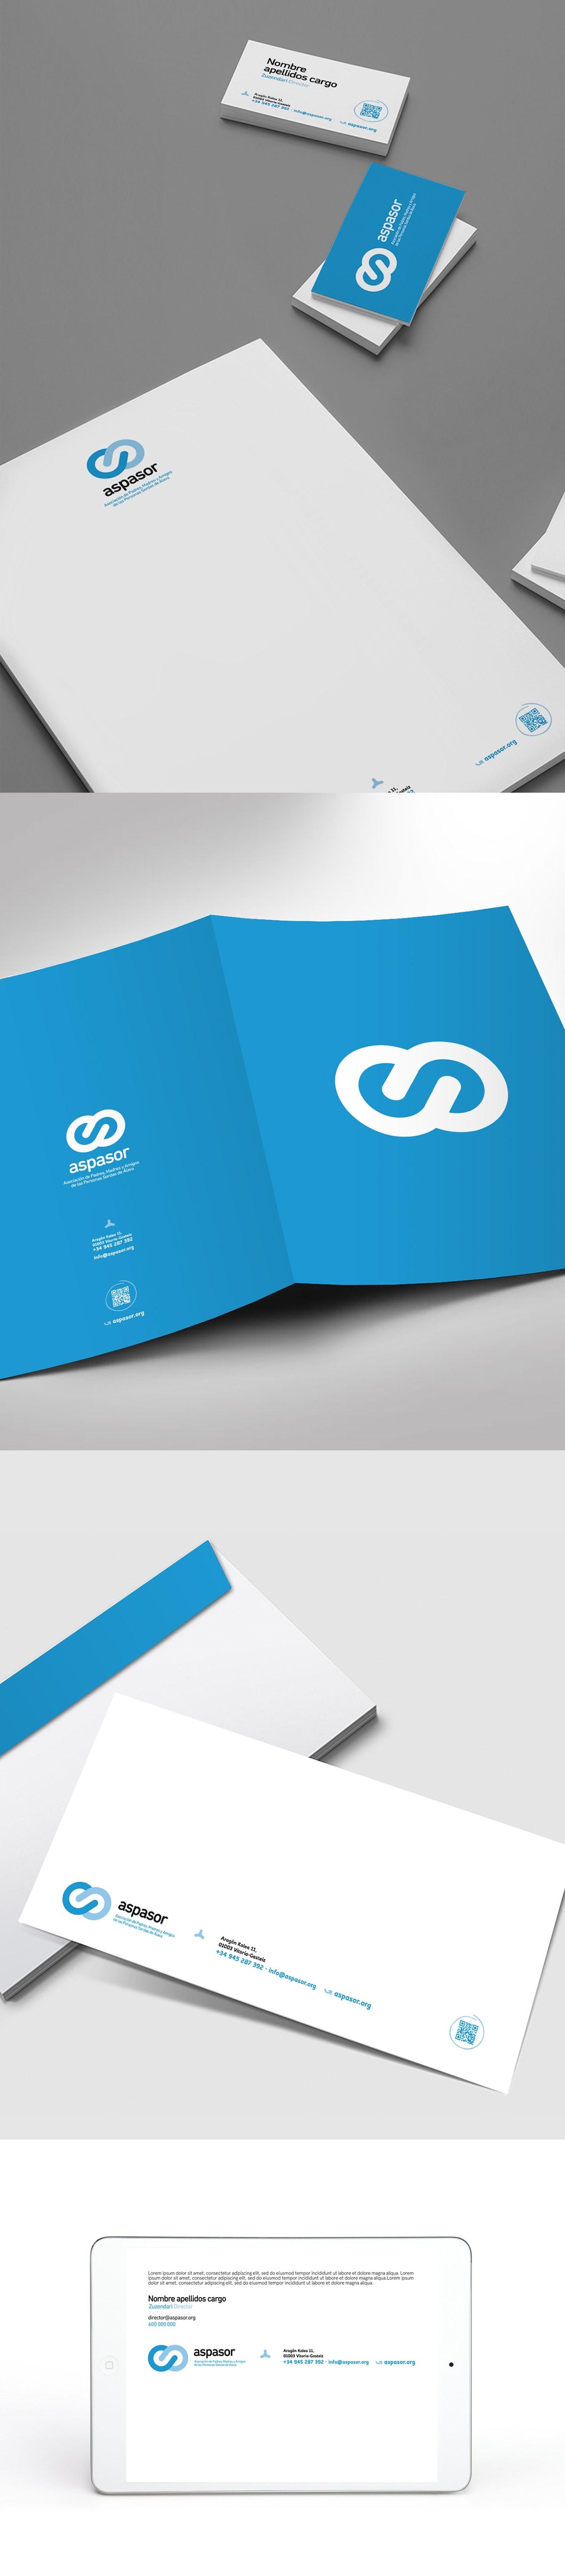 15-042 Aspasor- Nuevo logo-2-min